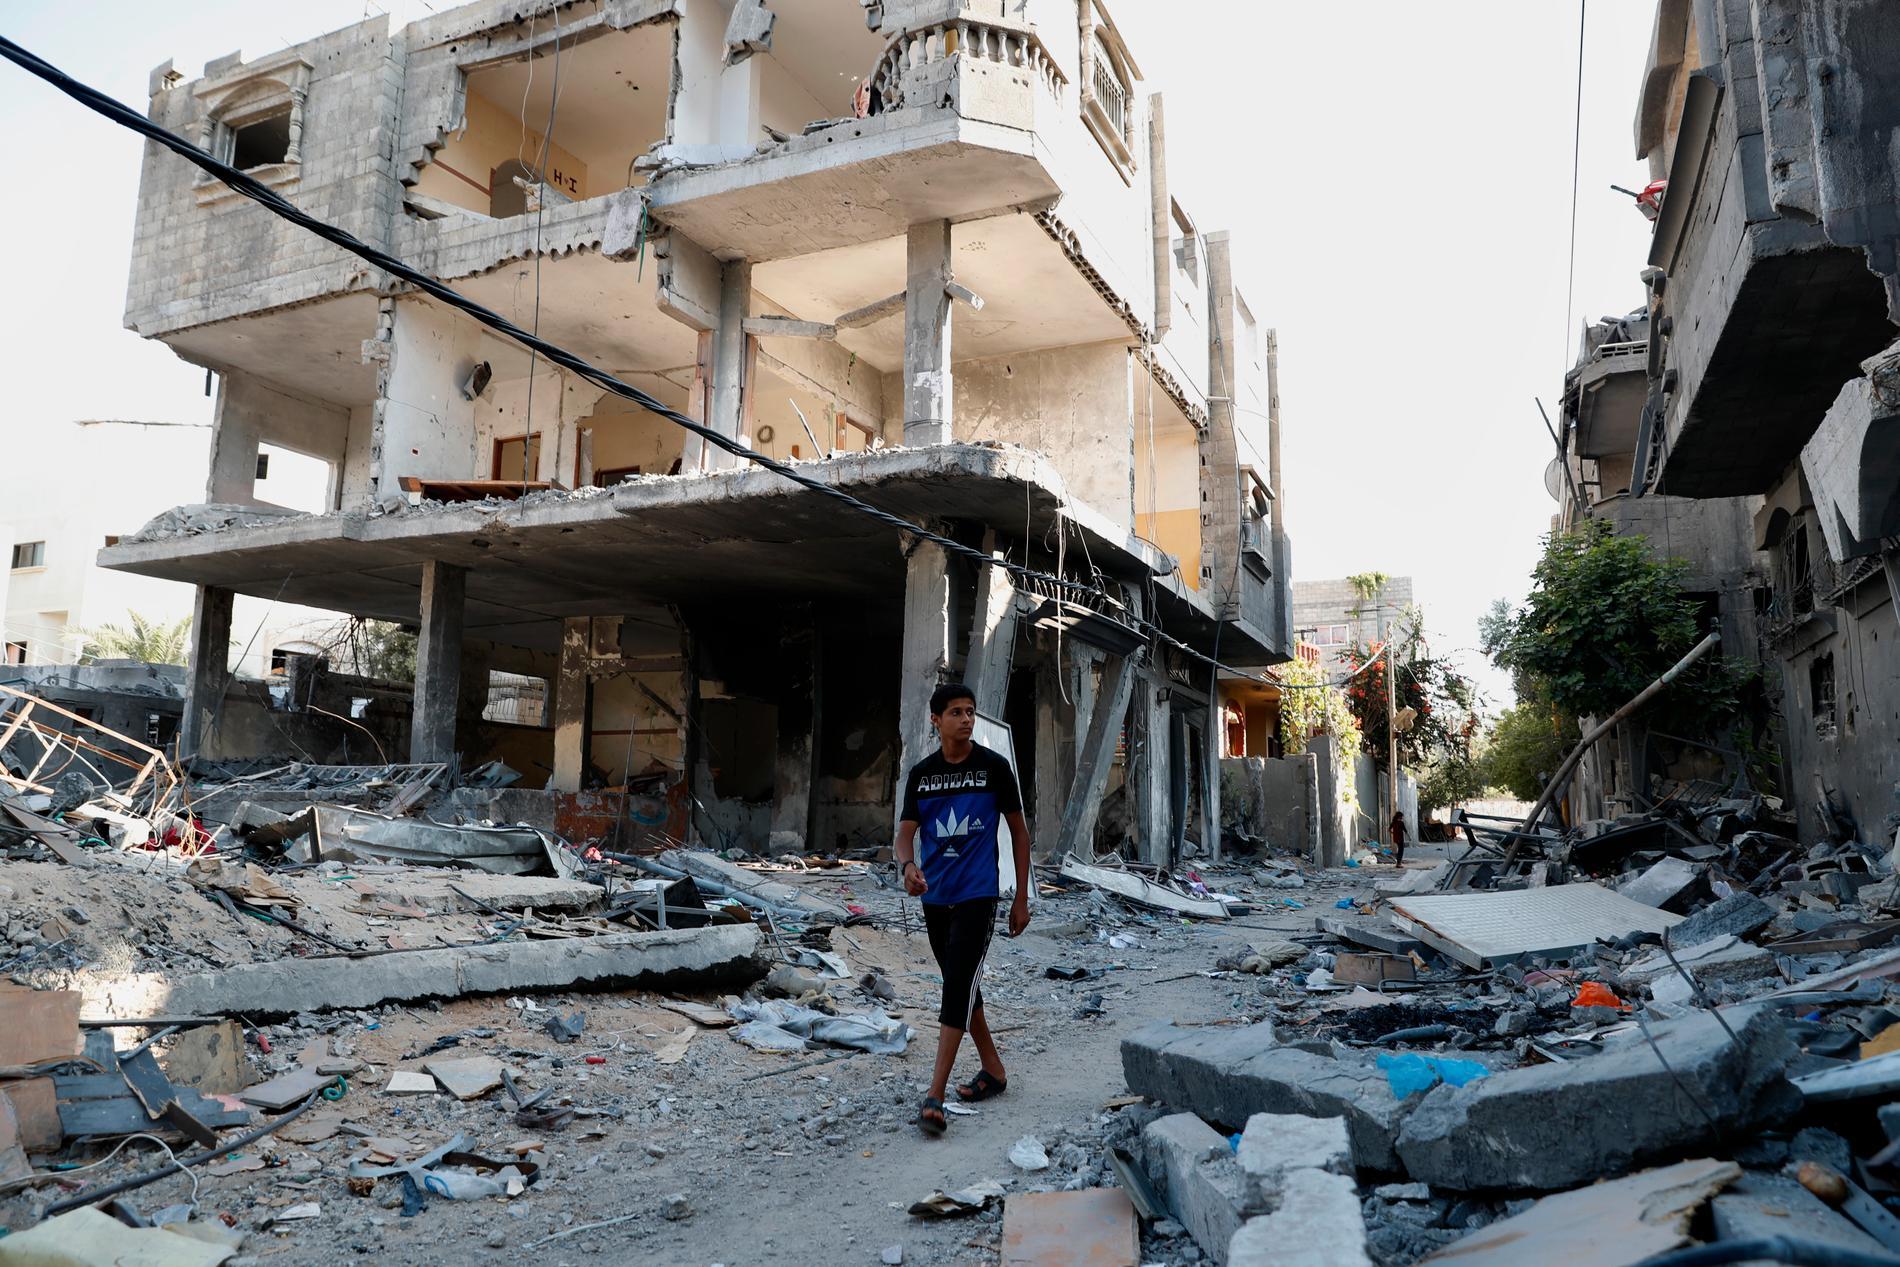 Bråten ligger kvar efter ett hus i Gaza som kollapsade efter Israels luftangrepp i maj. Bilden togs den 12 juli.